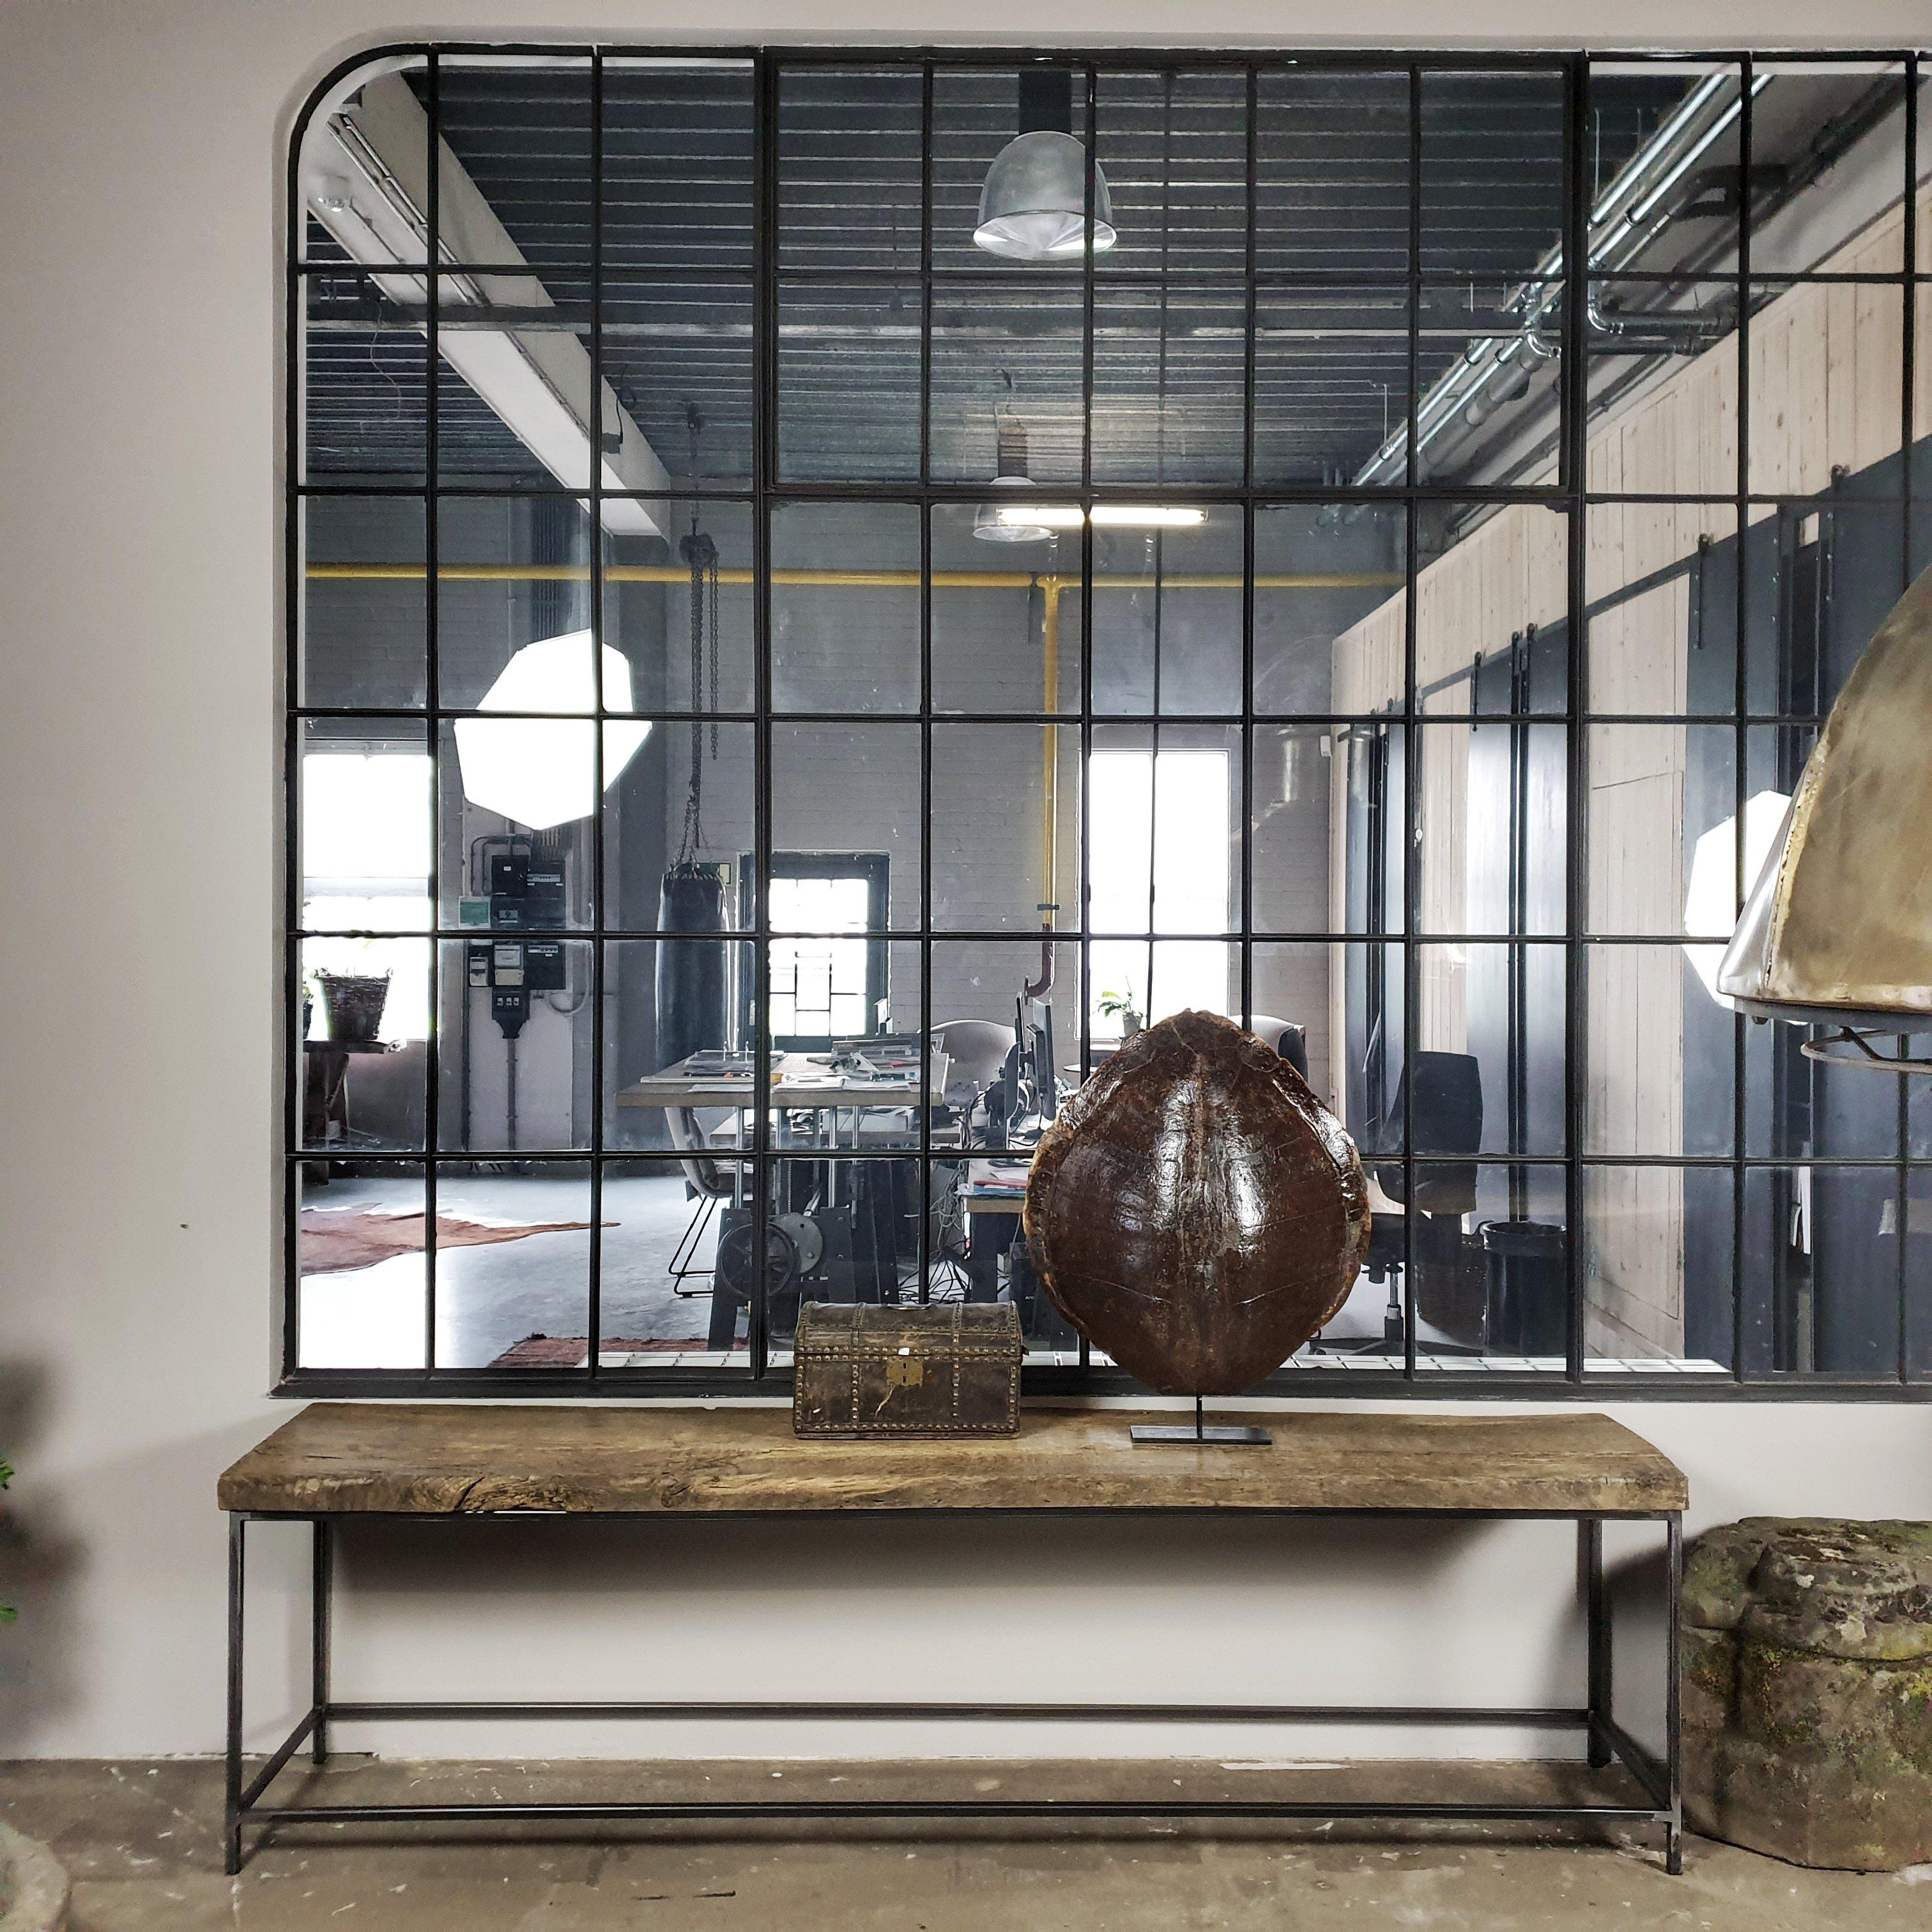 Vintage Wandtisch Industrie Design mit Altholz Eiche Tischplatte und Stahlrahmen Tischgestell - IND710